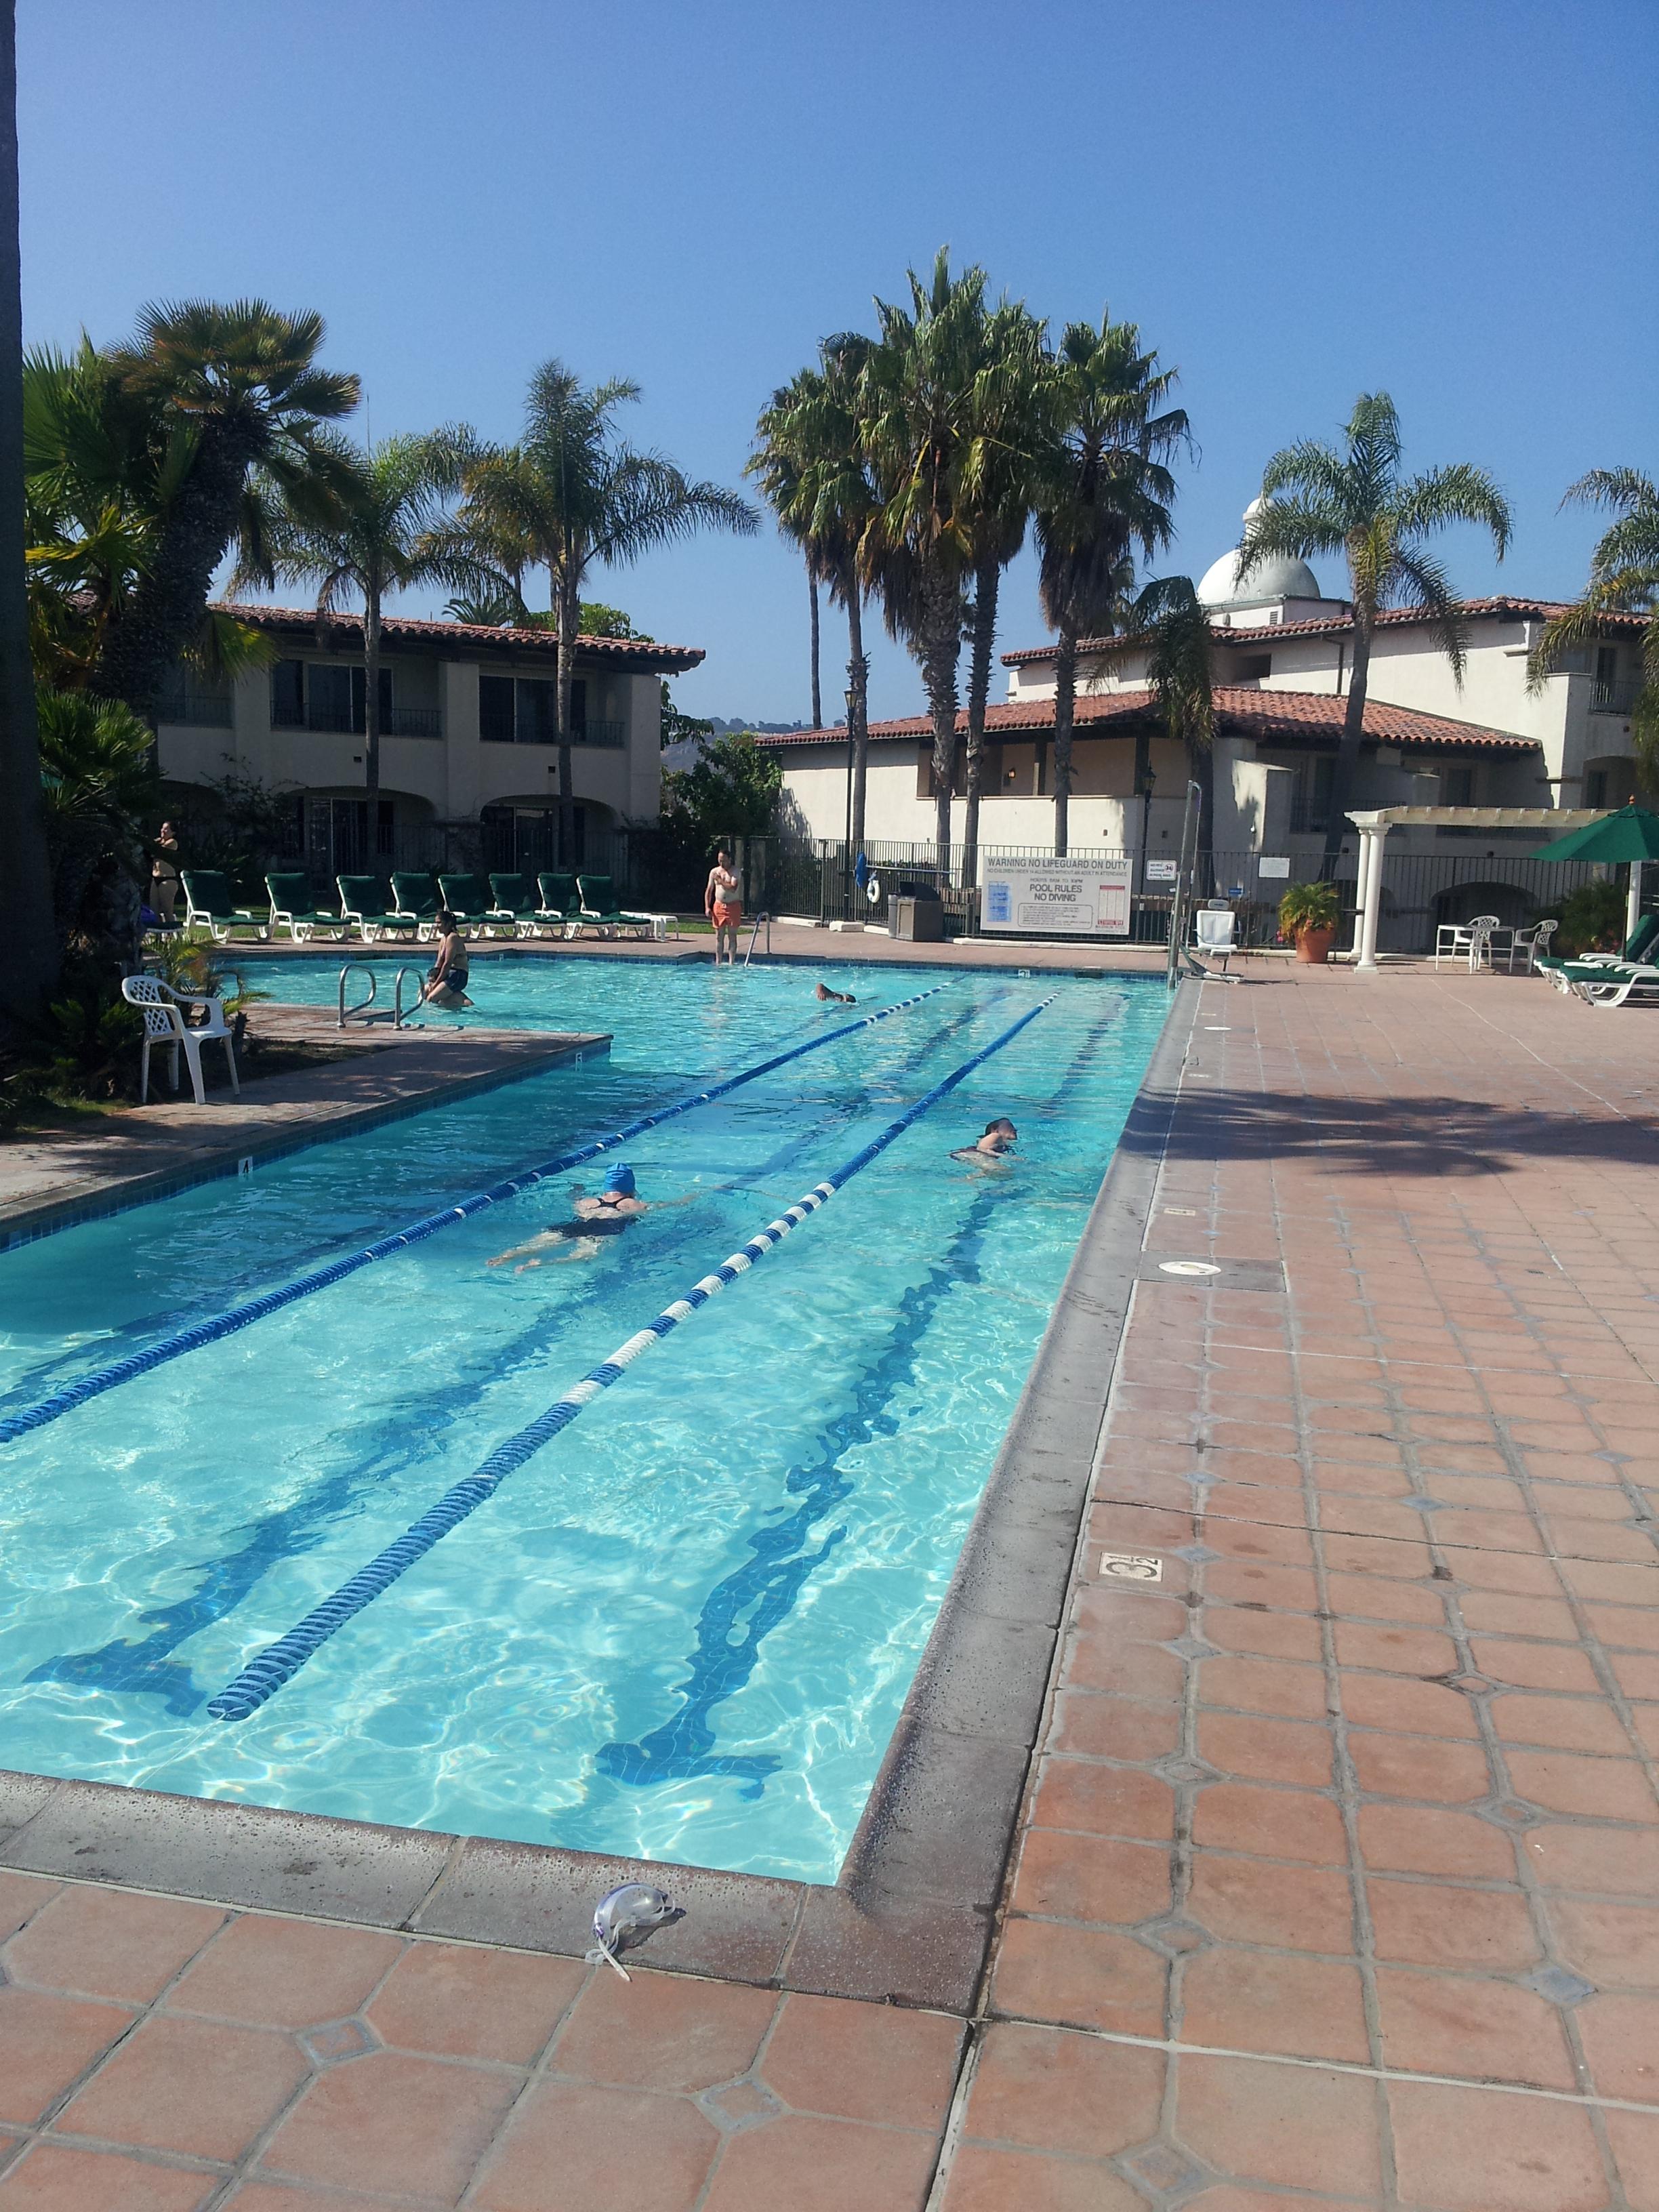 0110 - Kona Kai Hotel (San Diego)